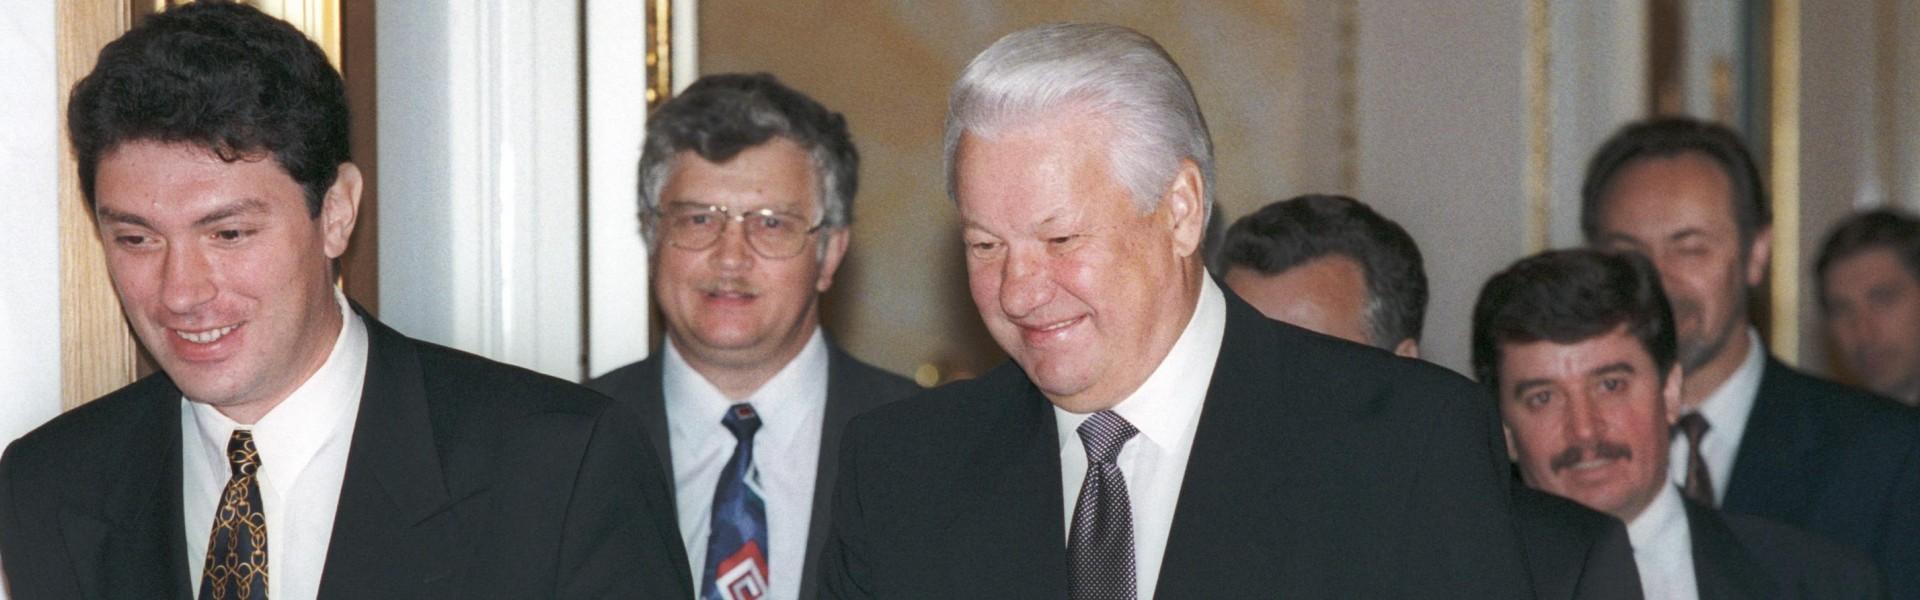 Были ли чистыми президентские выборы-1996?